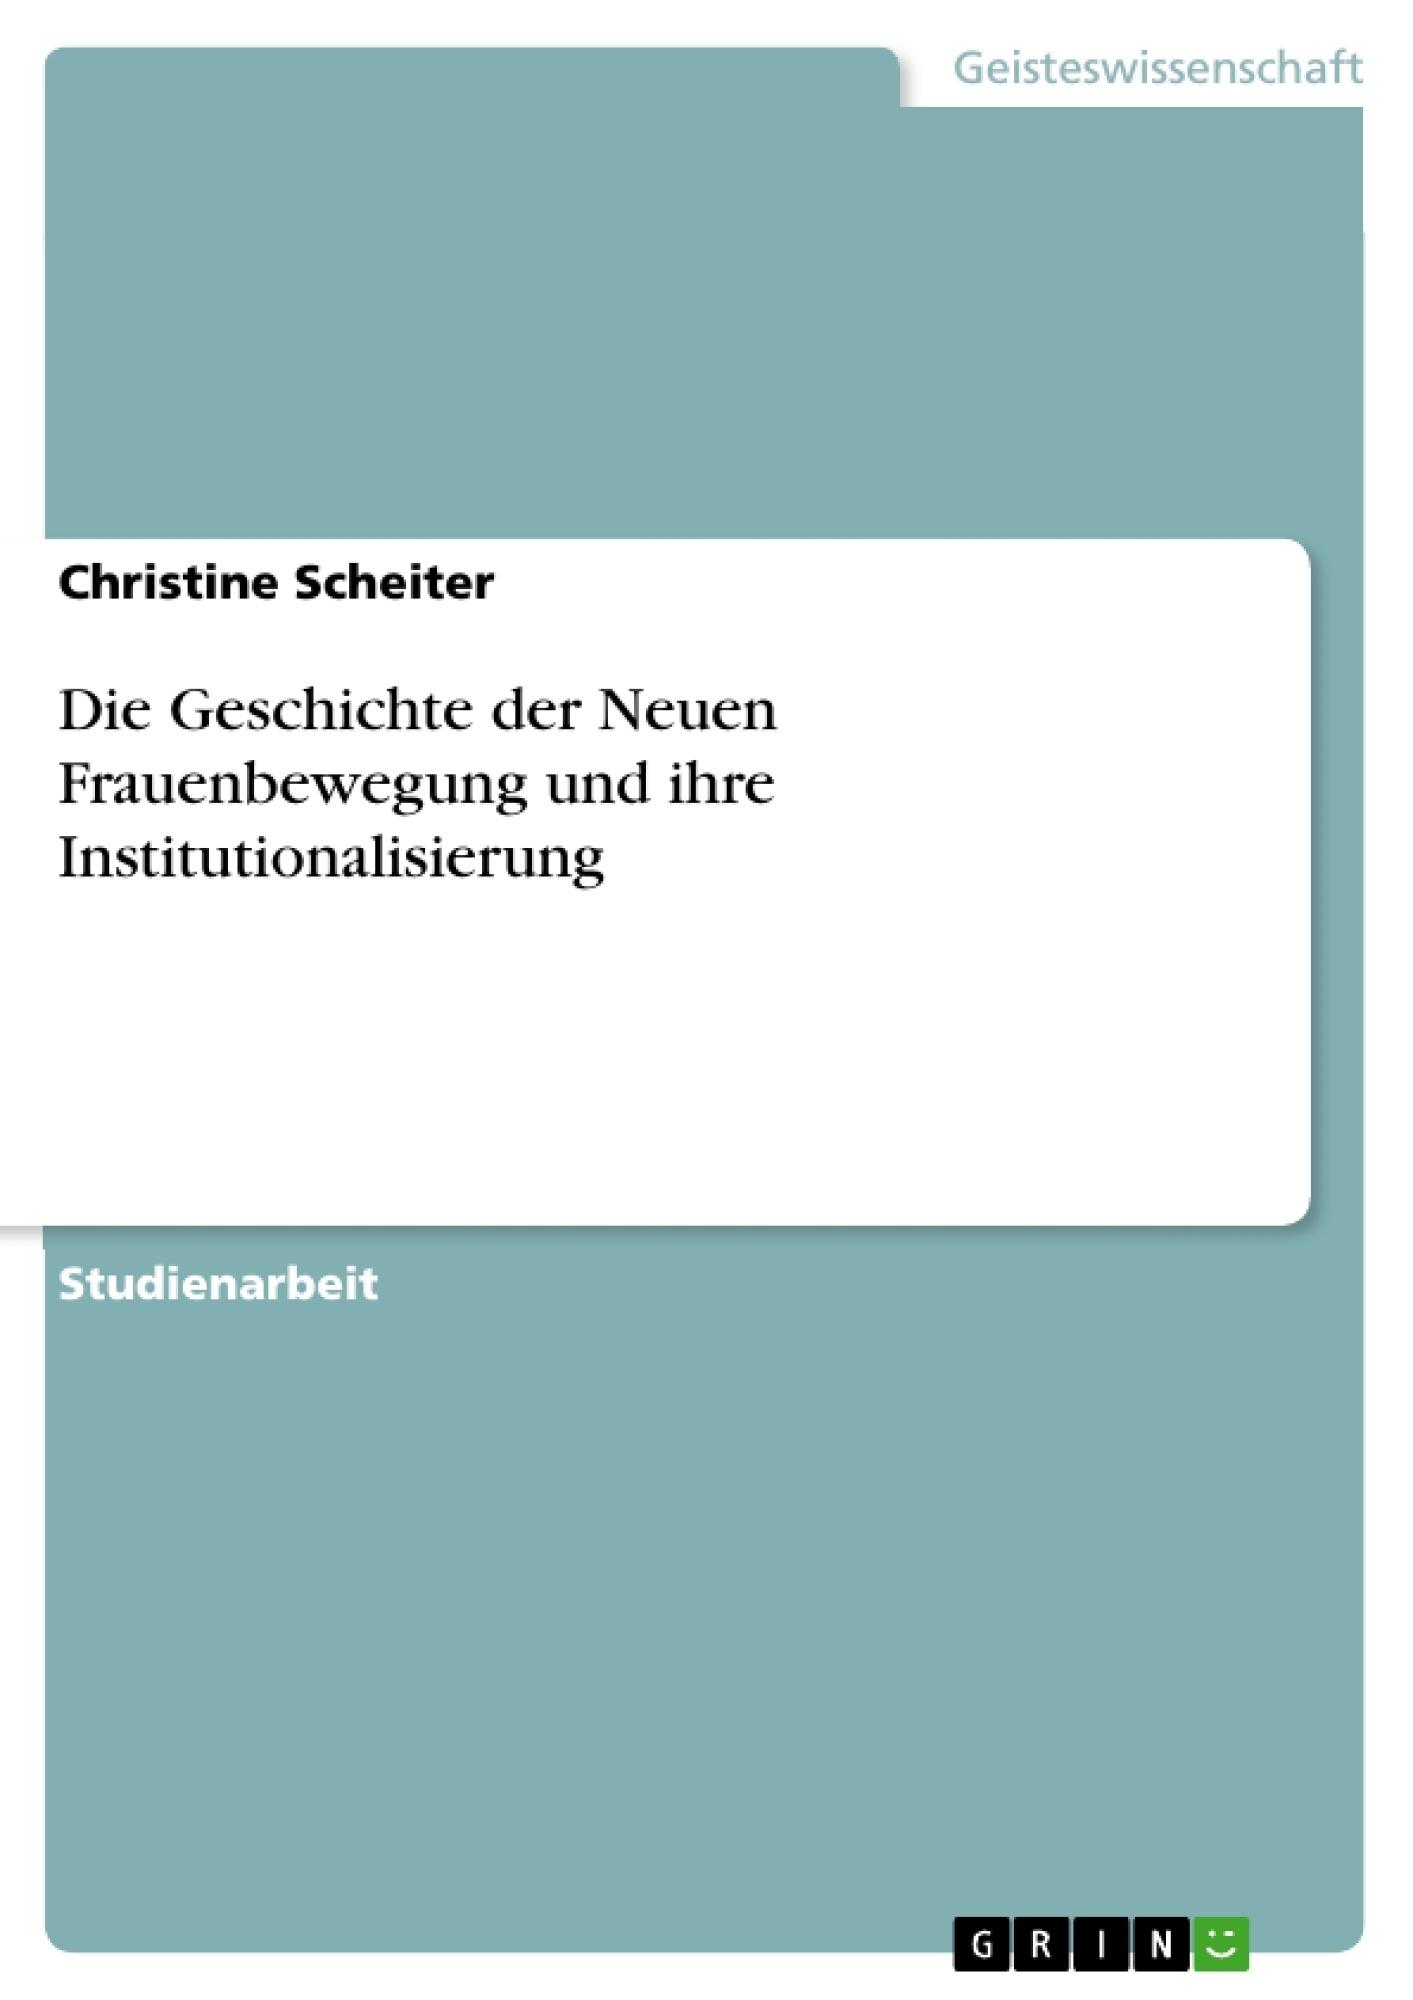 Titel: Die Geschichte der Neuen Frauenbewegung und ihre Institutionalisierung